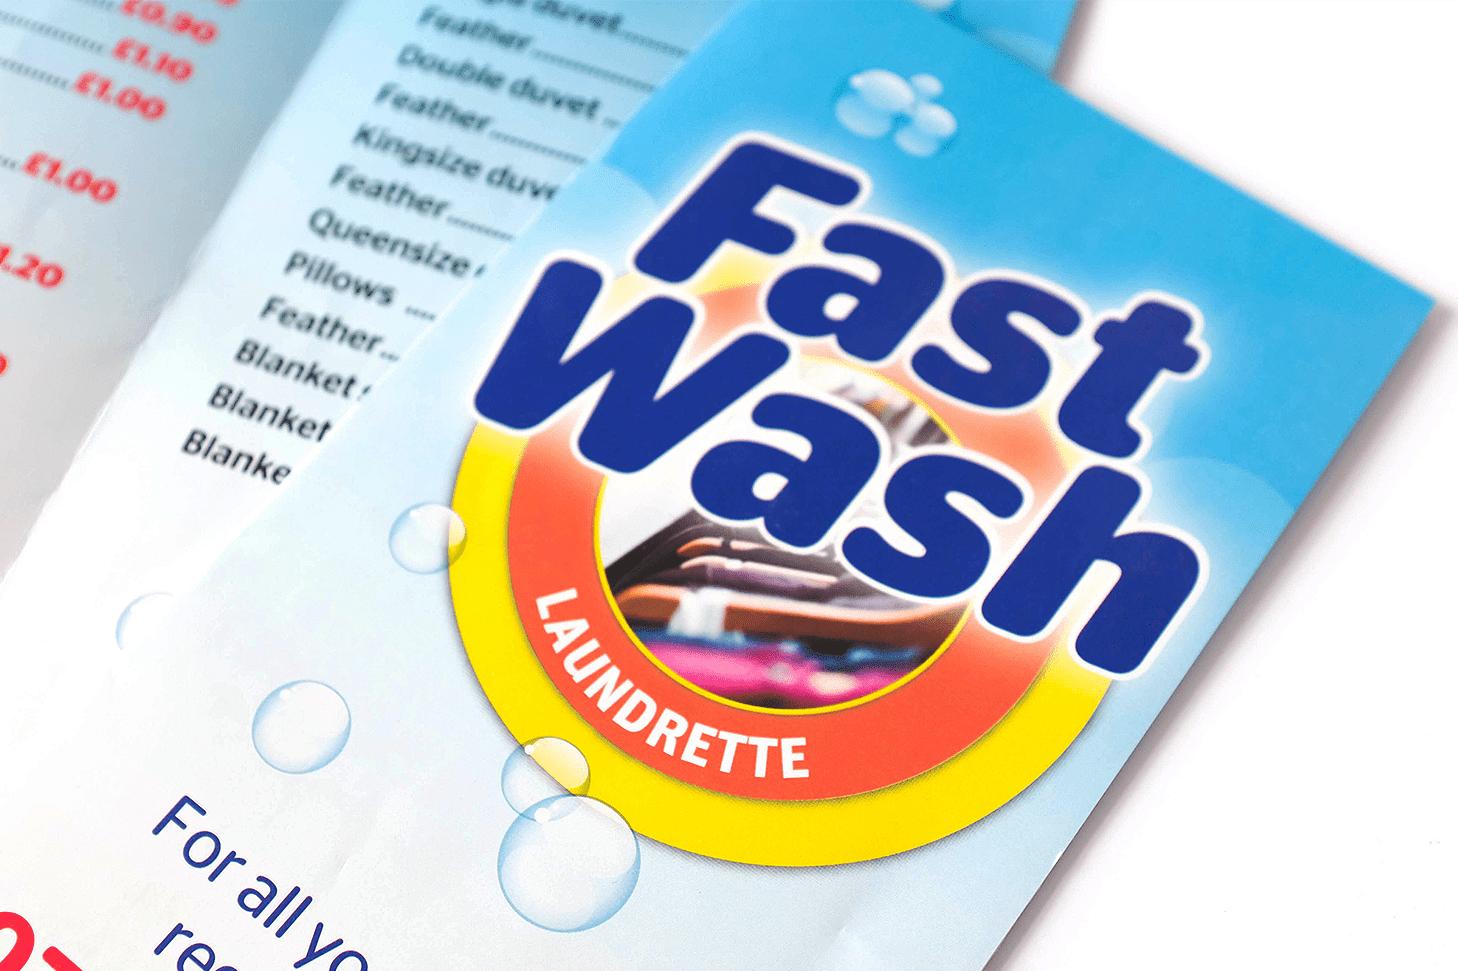 Fast Wash Laundrette